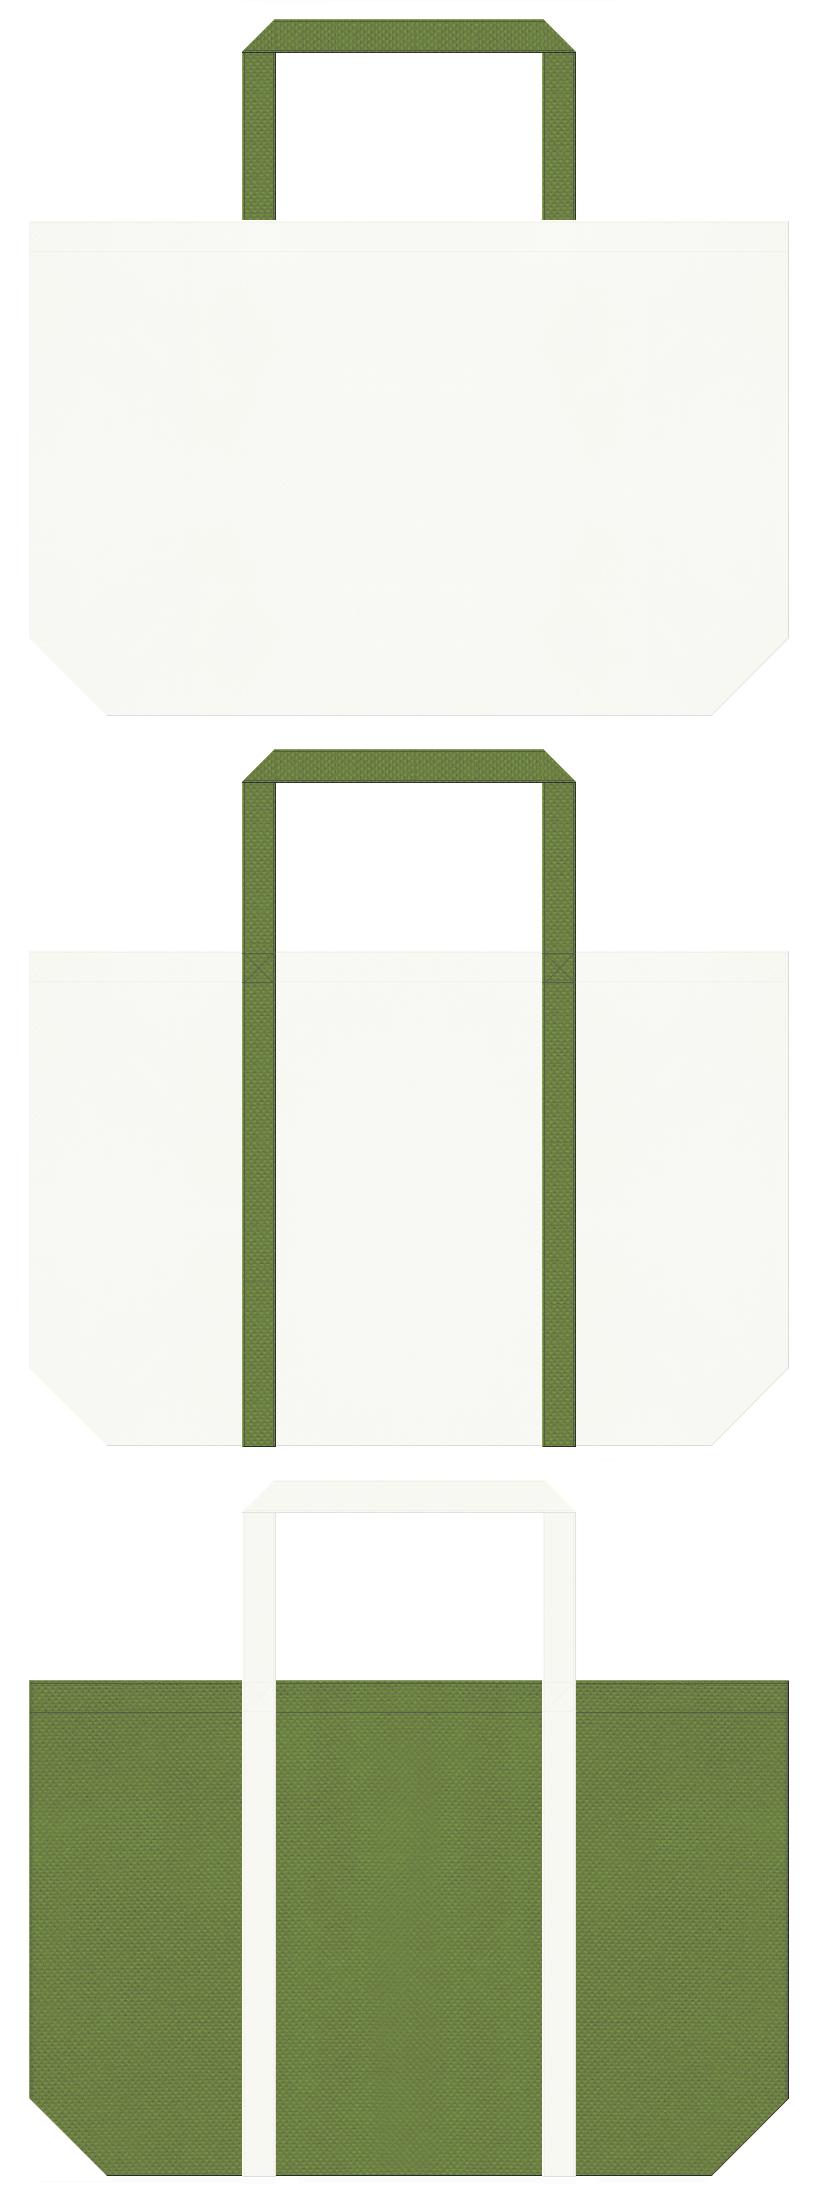 抹茶アイス・抹茶オーレ・抹茶ロール・青汁・豆乳・柏餅・和菓子・和風催事・和紙・障子・和モダン・和風建築・ビオトープ・盆栽・植木・造園用品の展示会用バッグにお奨めの不織布バッグデザイン:オフホワイト色と草色のコーデ